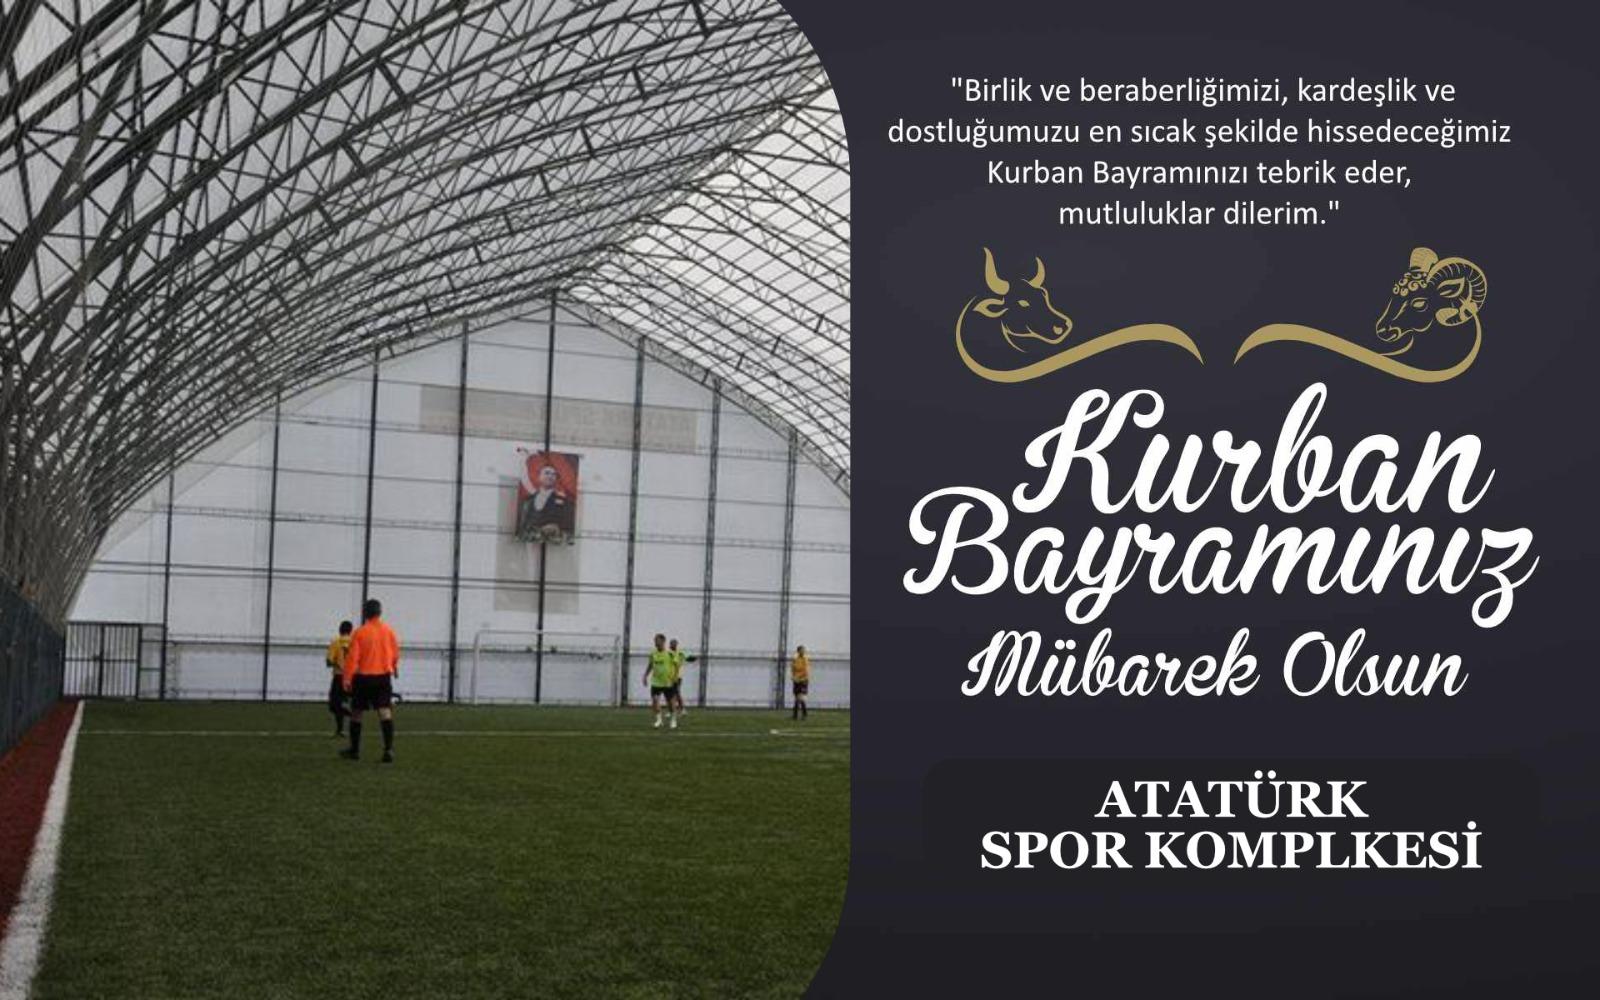 Atatürk Spor kompleksin'den Kurban Bayramı kutlama mesajı